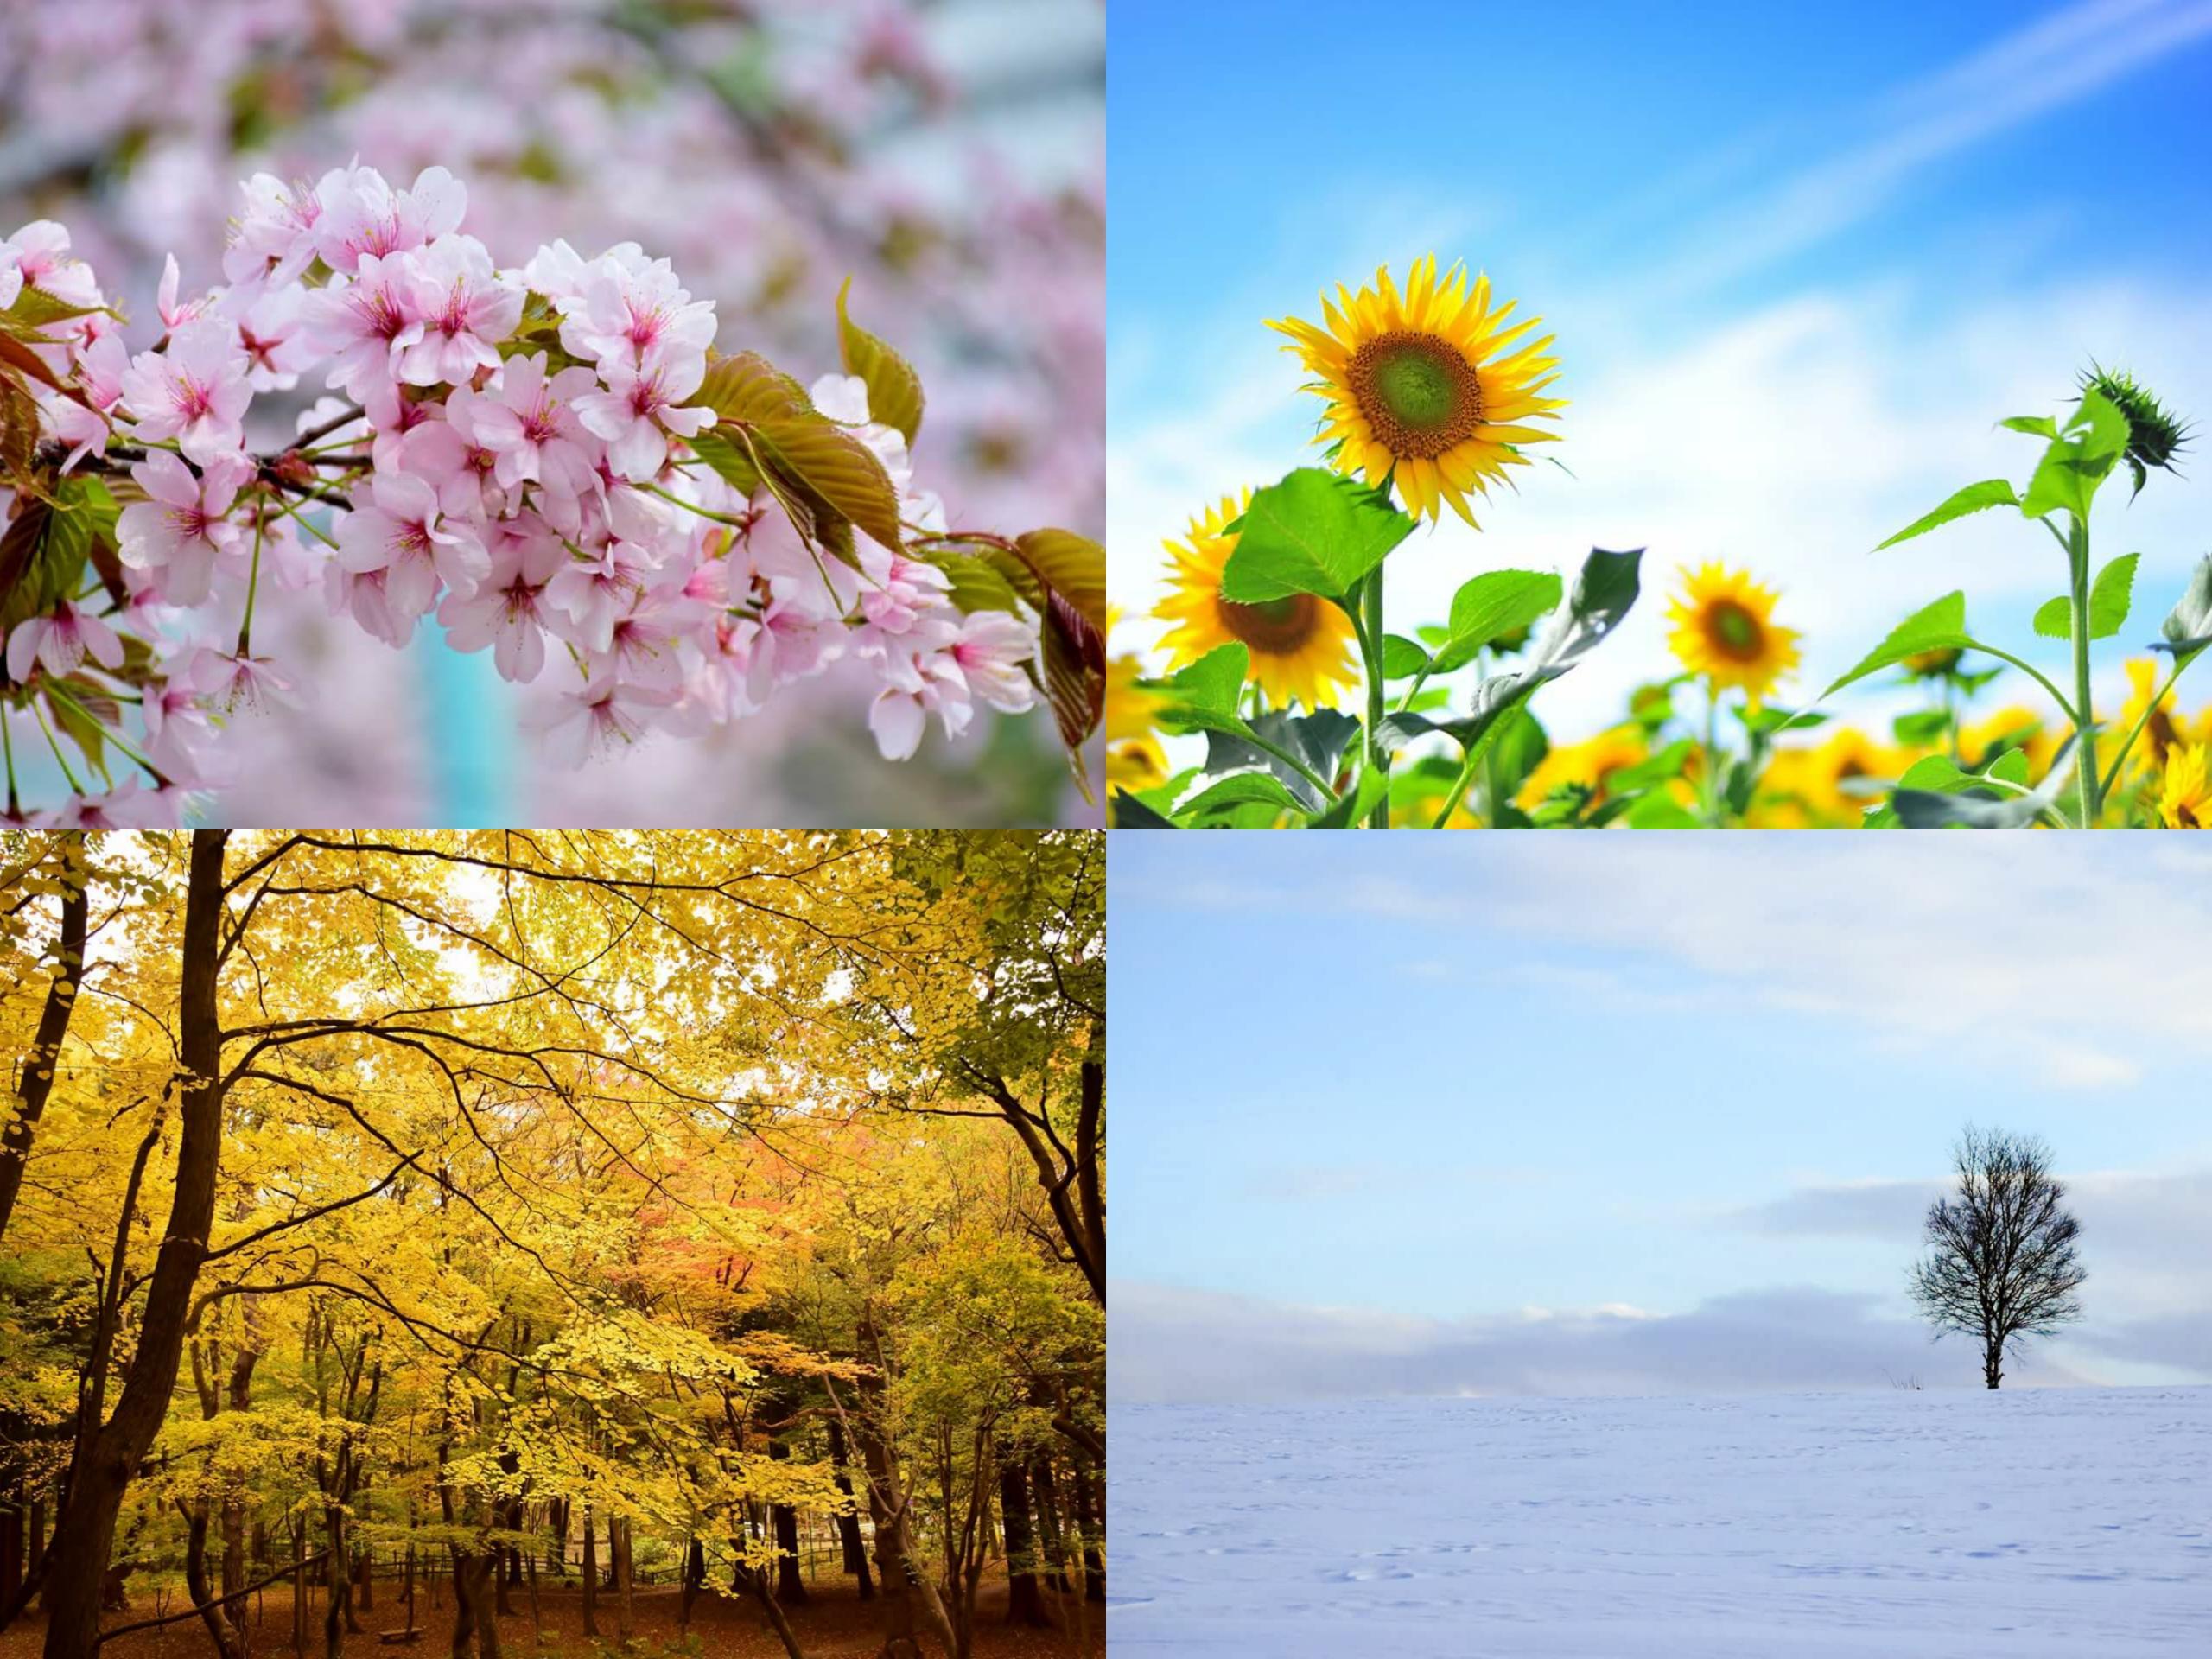 天使ギャラリー〉写真展『カメラ女子達の春夏秋冬』(4/2~5/31)-終了 ...